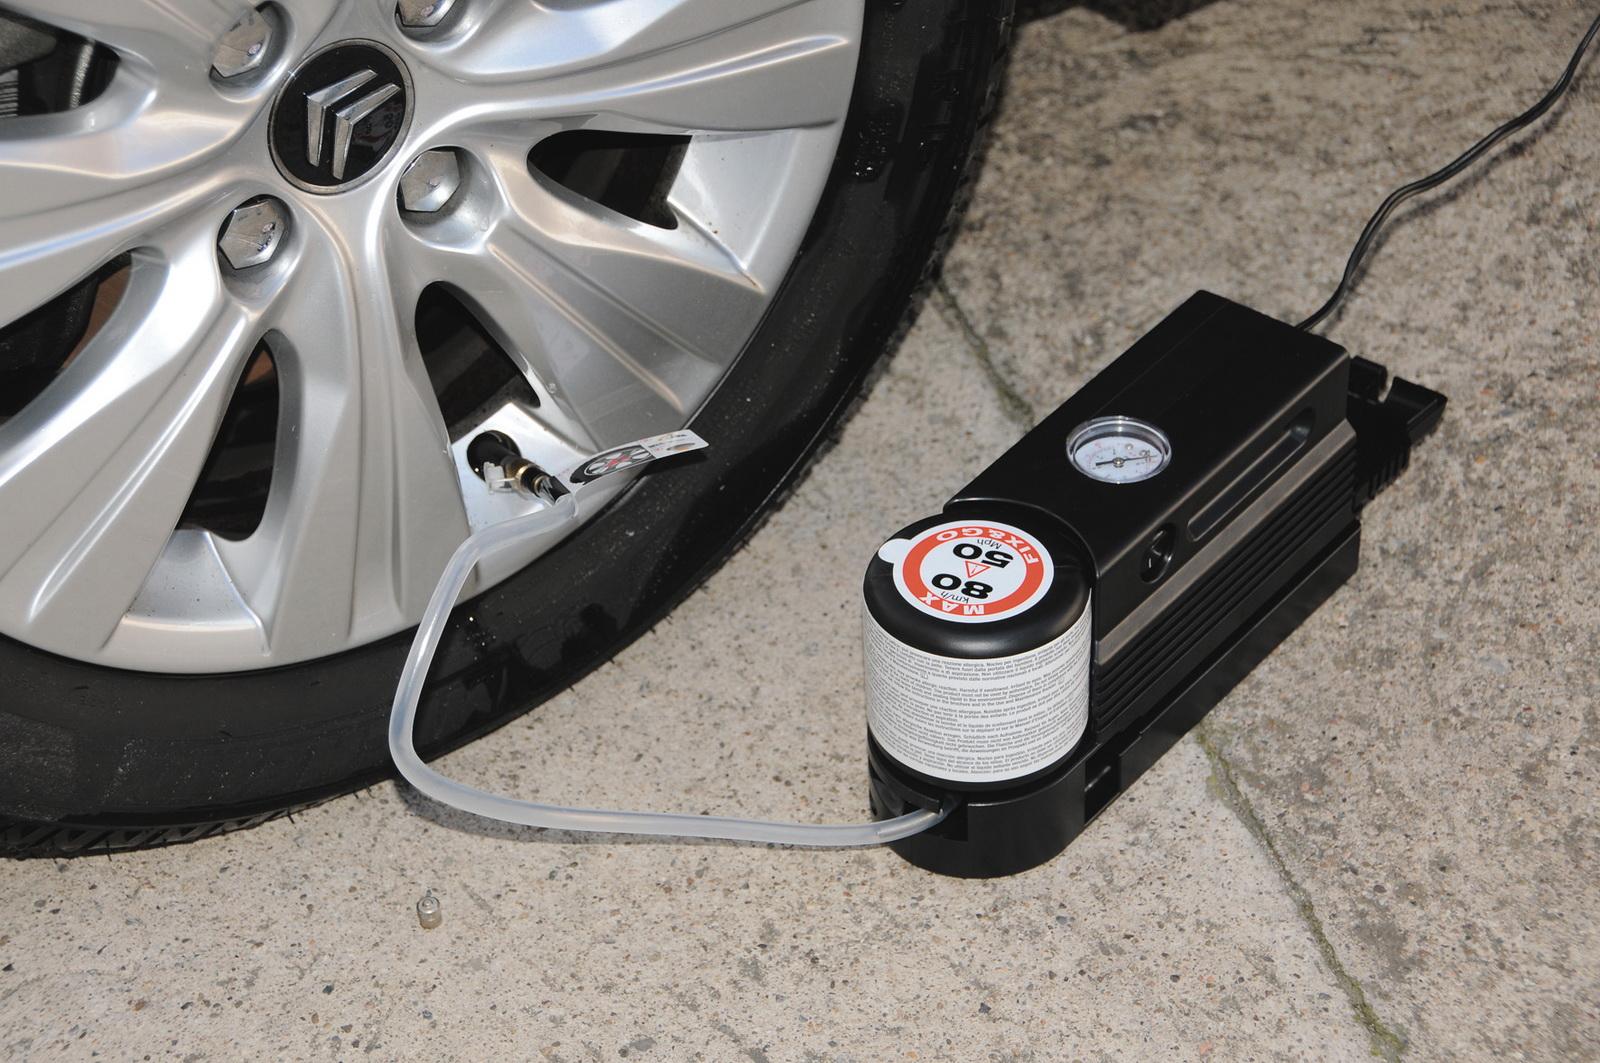 negozio online daf5b 2104b Kit riparazione gomme auto: cos'è e come funziona - AutoToday.it